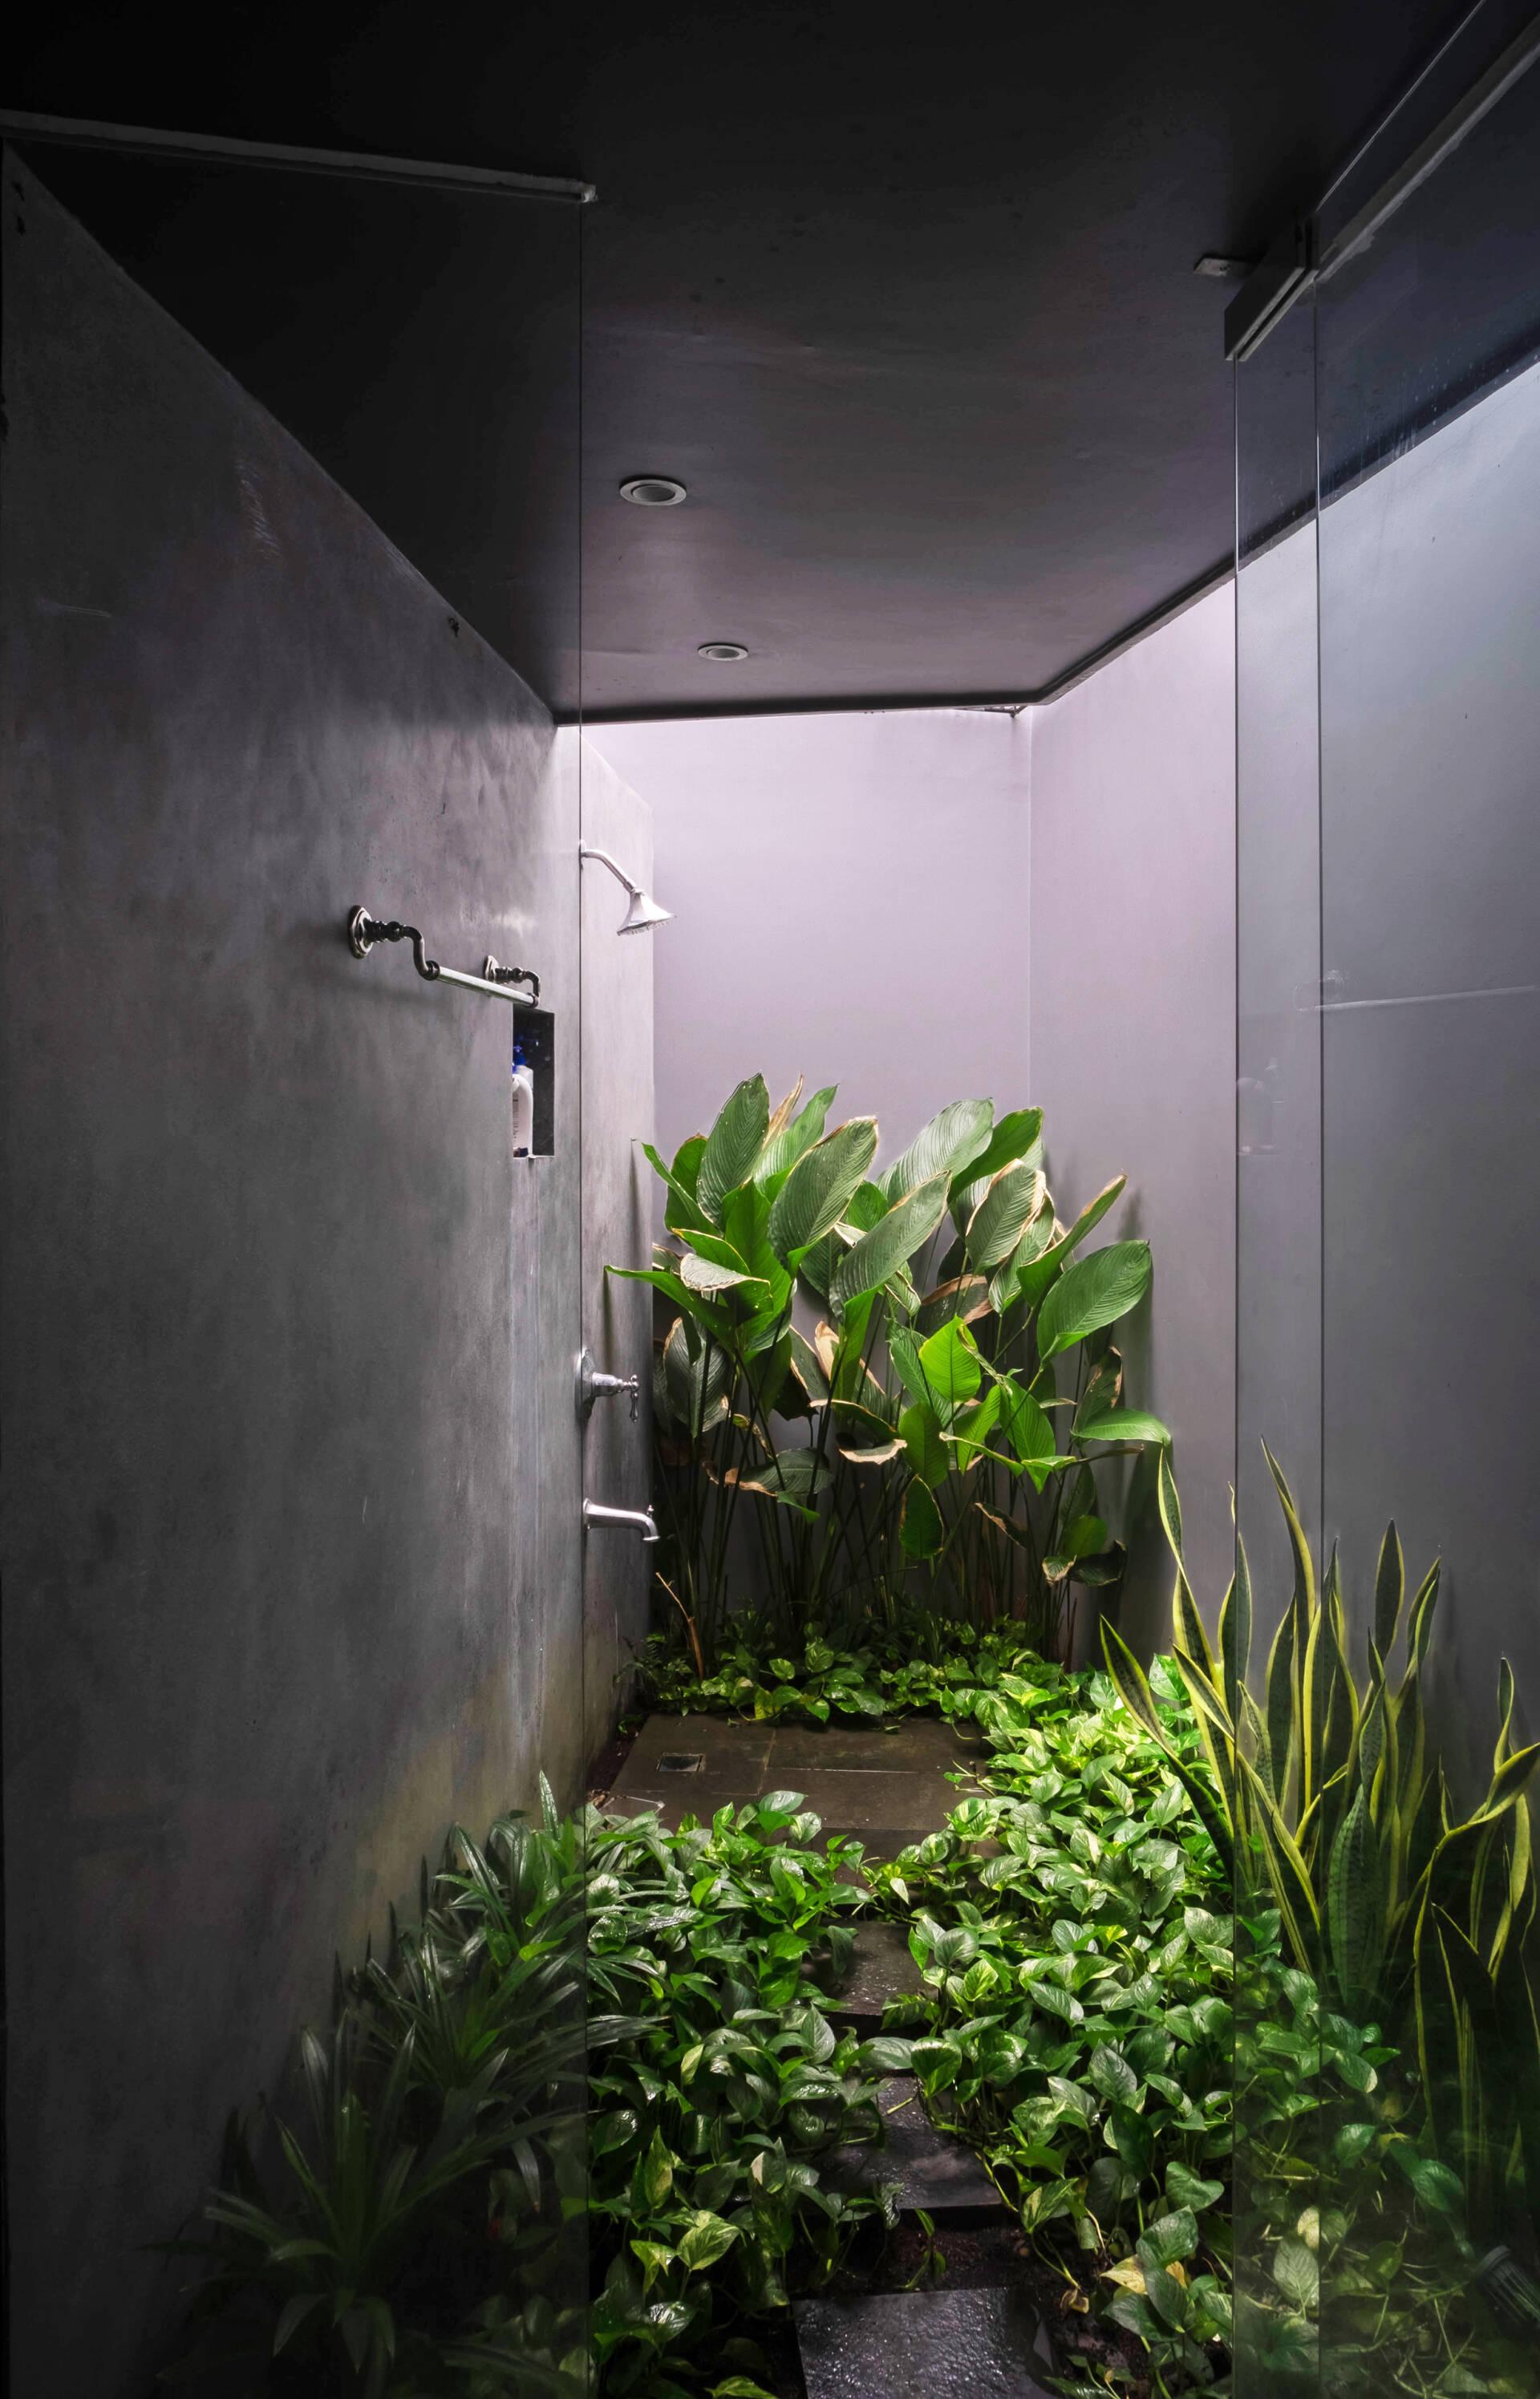 Khu vực tắm đứng độc đáo khi bố trí nhiều cây xanh xung quanh, hệt như một góc nhỏ của khu rừng nhiệt đới.